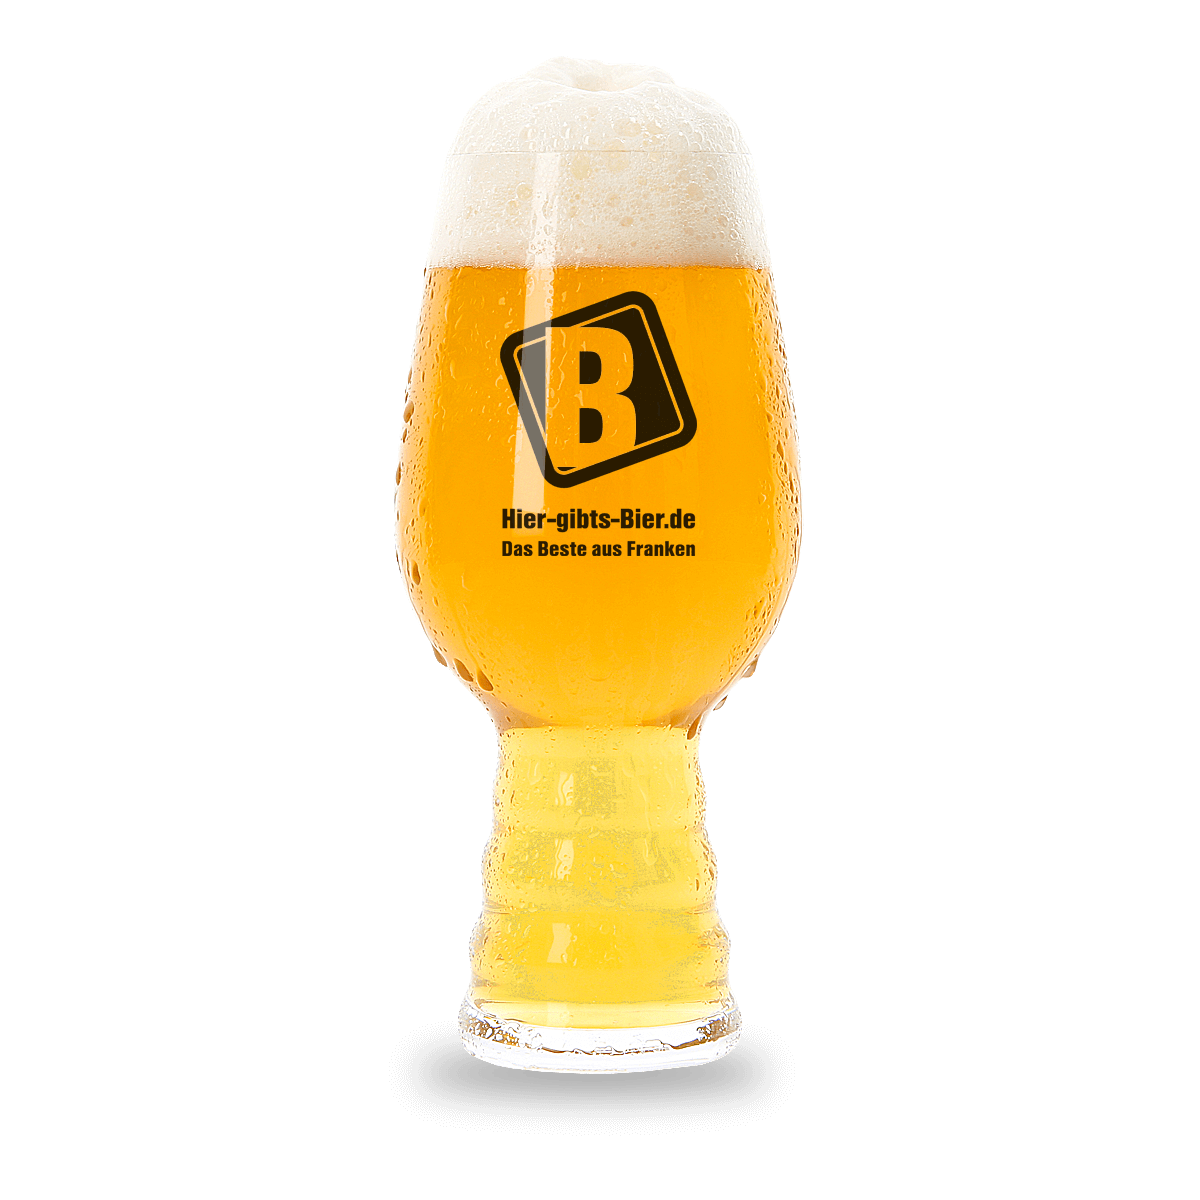 Verkostungsglas Bier